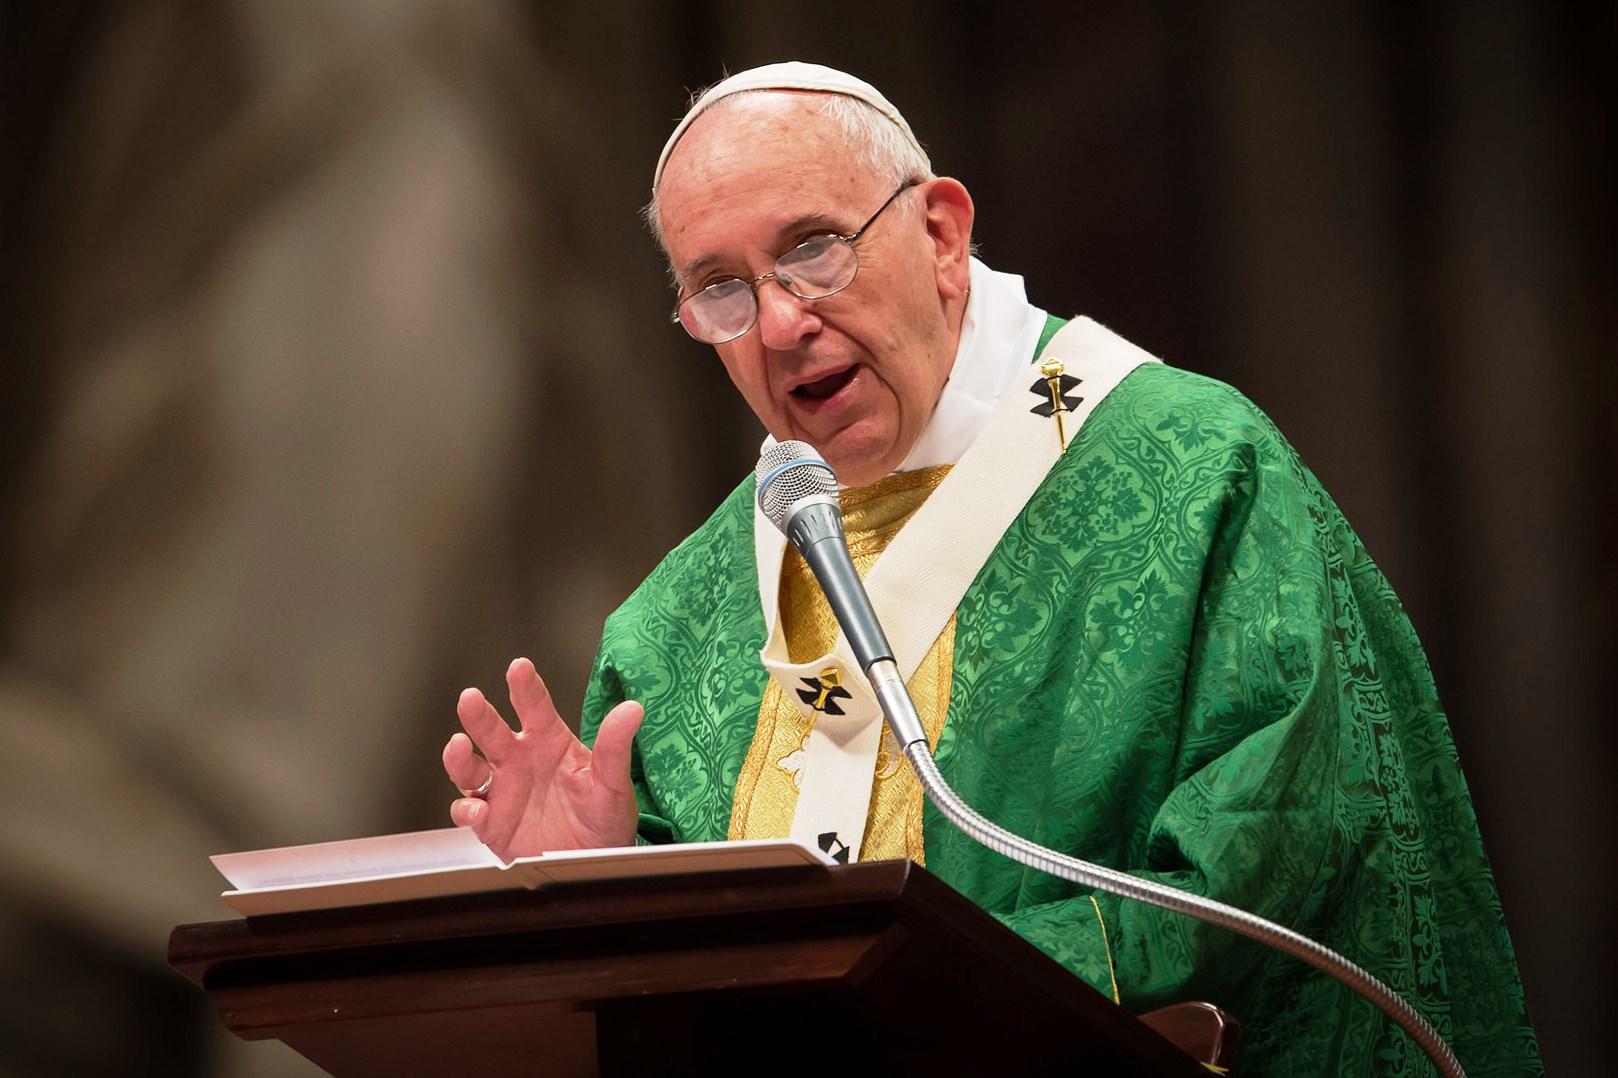 Международная организация «Pro Pope Francis» создана для защиты понтифика от нападок внутри Церкви